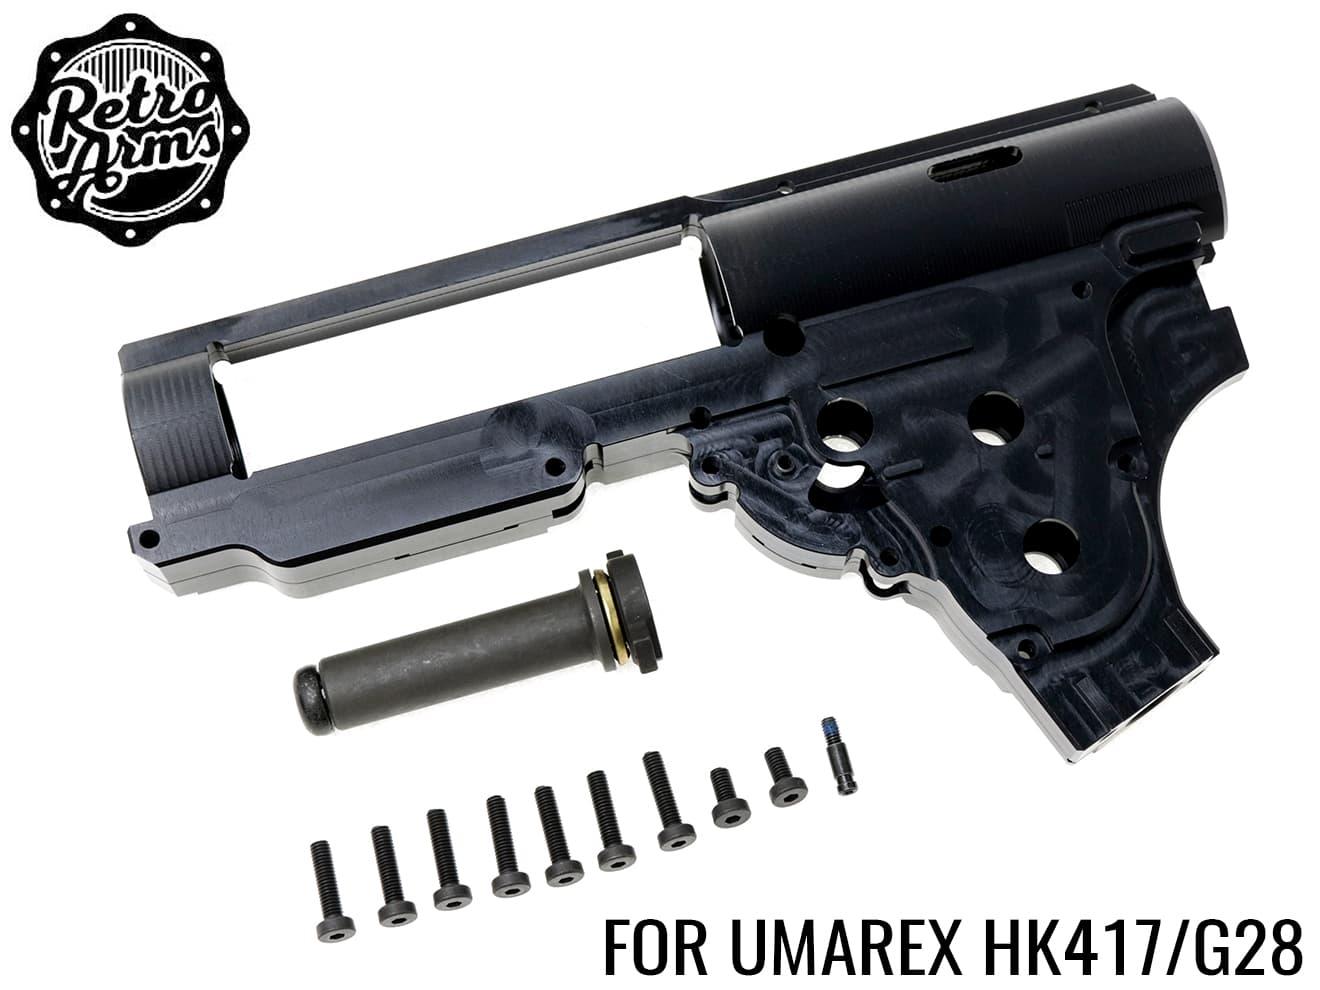 【送料無料】RETRO ARMS CNC メカボックスGEN2 V2.2 8mm - QSC/JP Ver◆ジュラルミン/強化メカボックス/HK417/G28/日本仕様/VFC